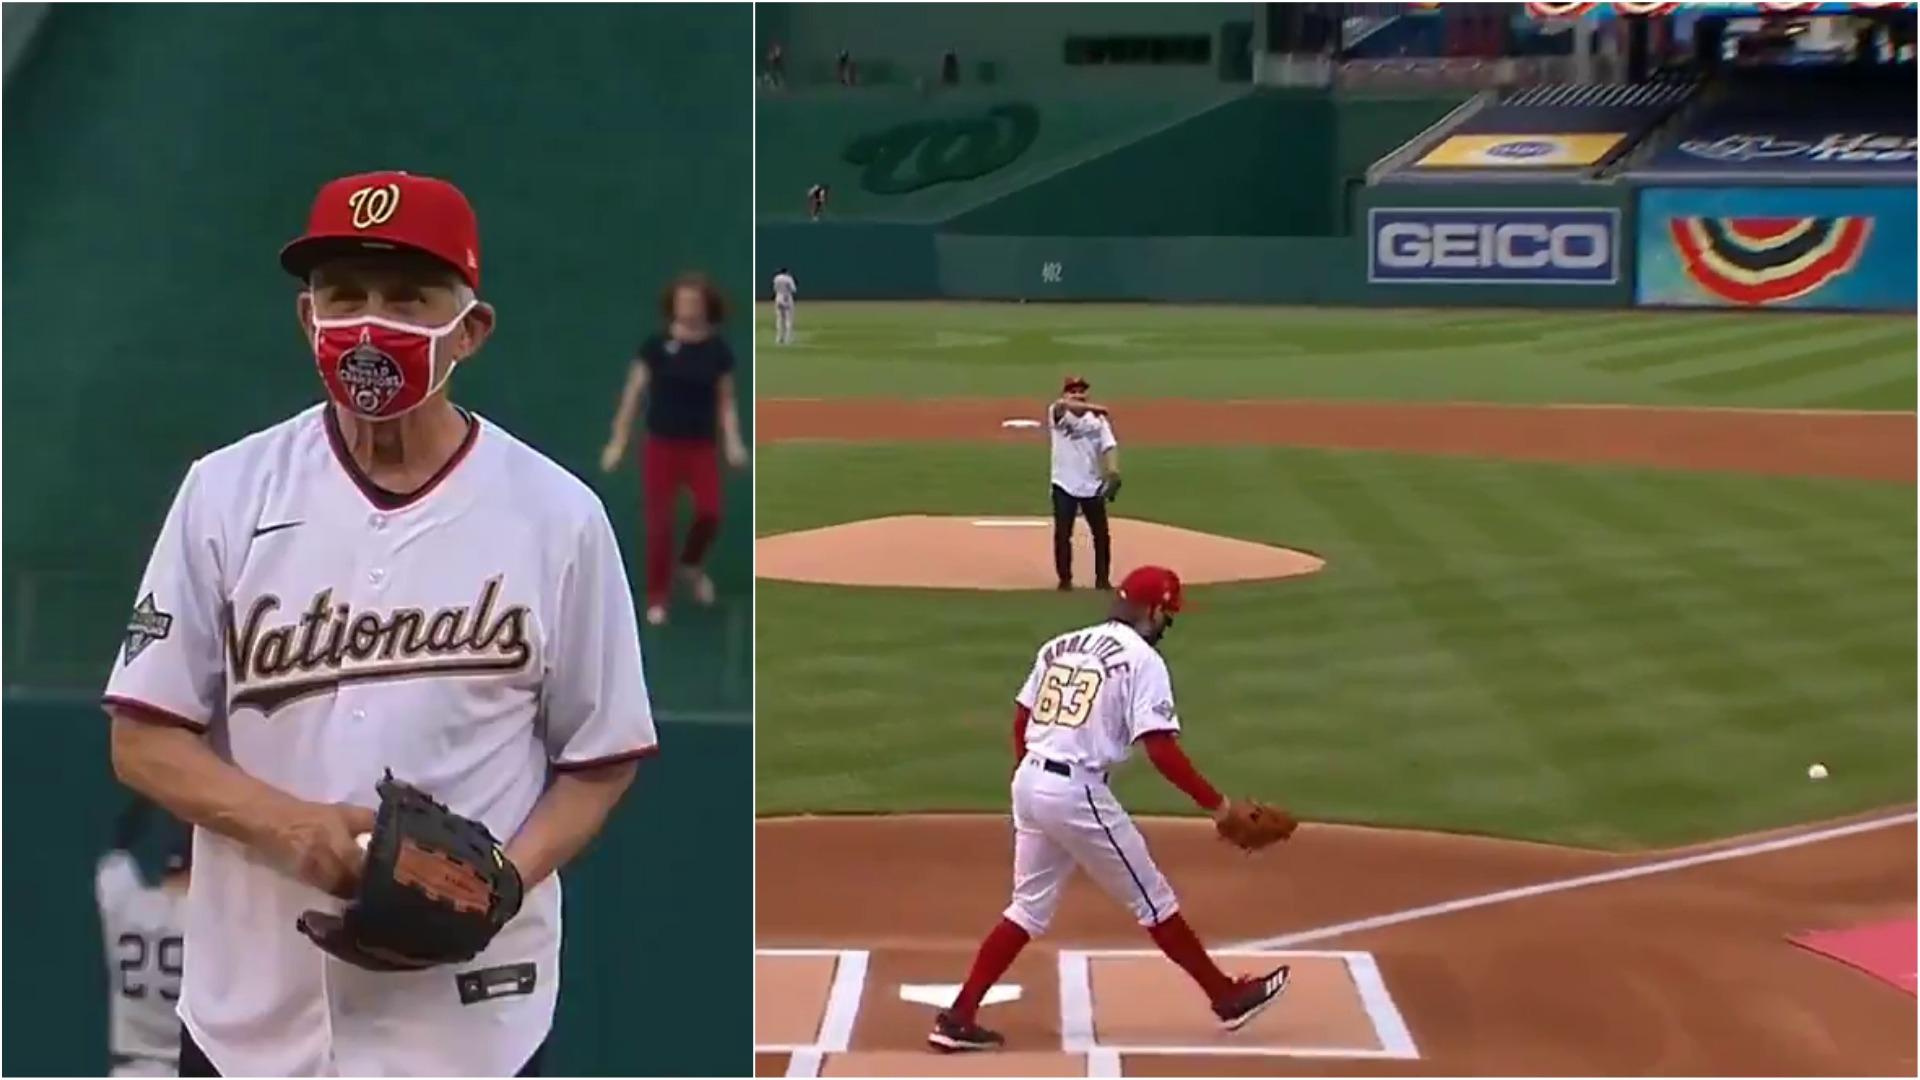 El doctor Fauci demostró que el baseball no es su fuerte.